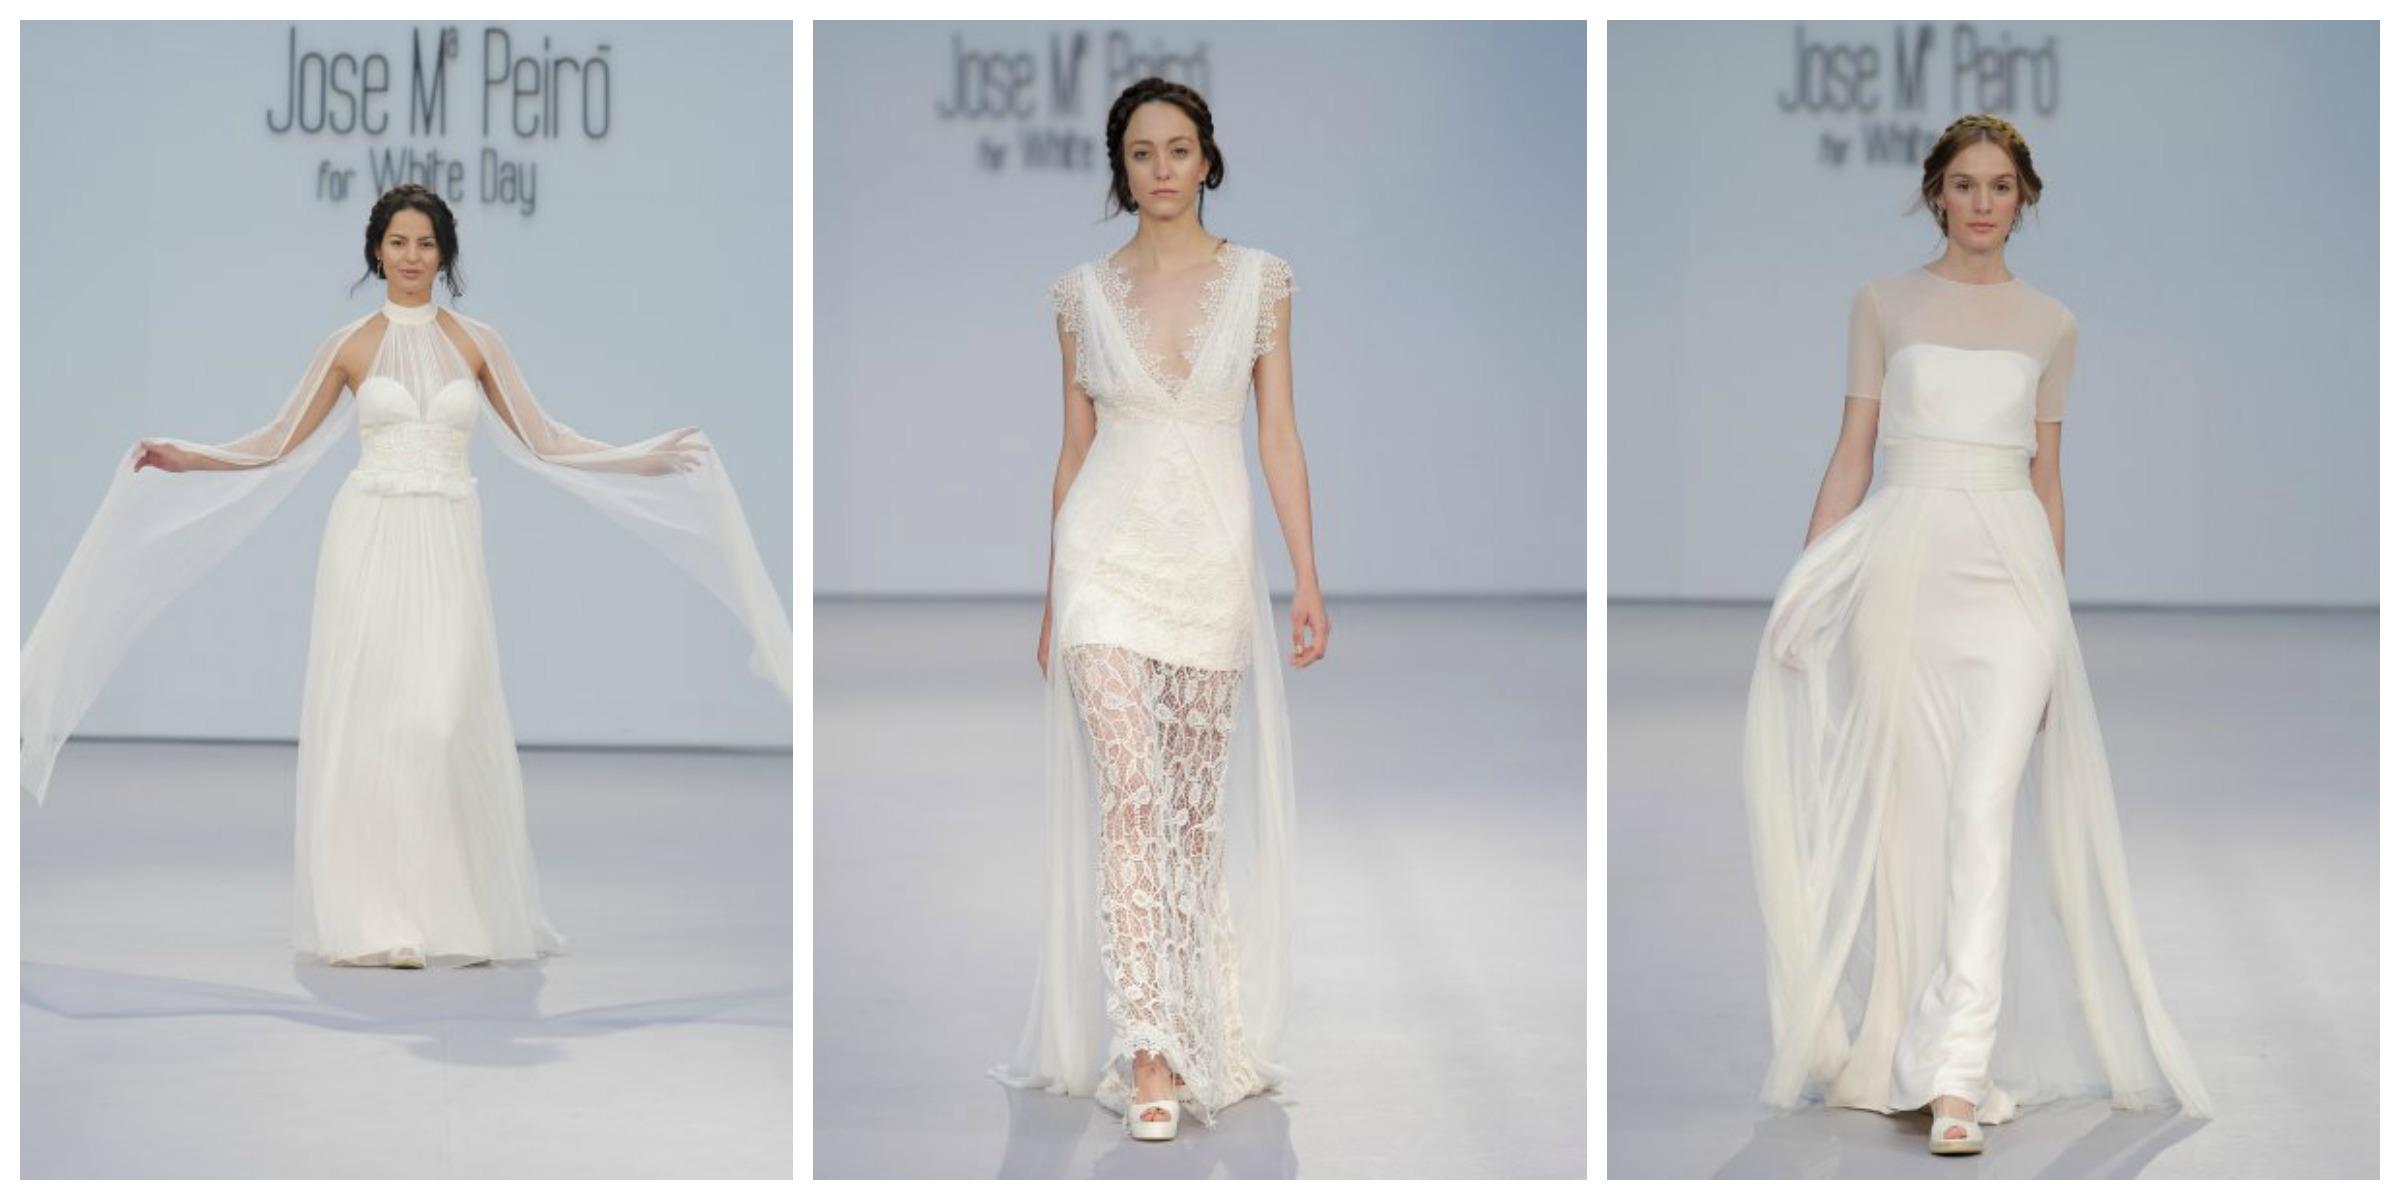 Vestidos de novia de Jose Maria Peiró